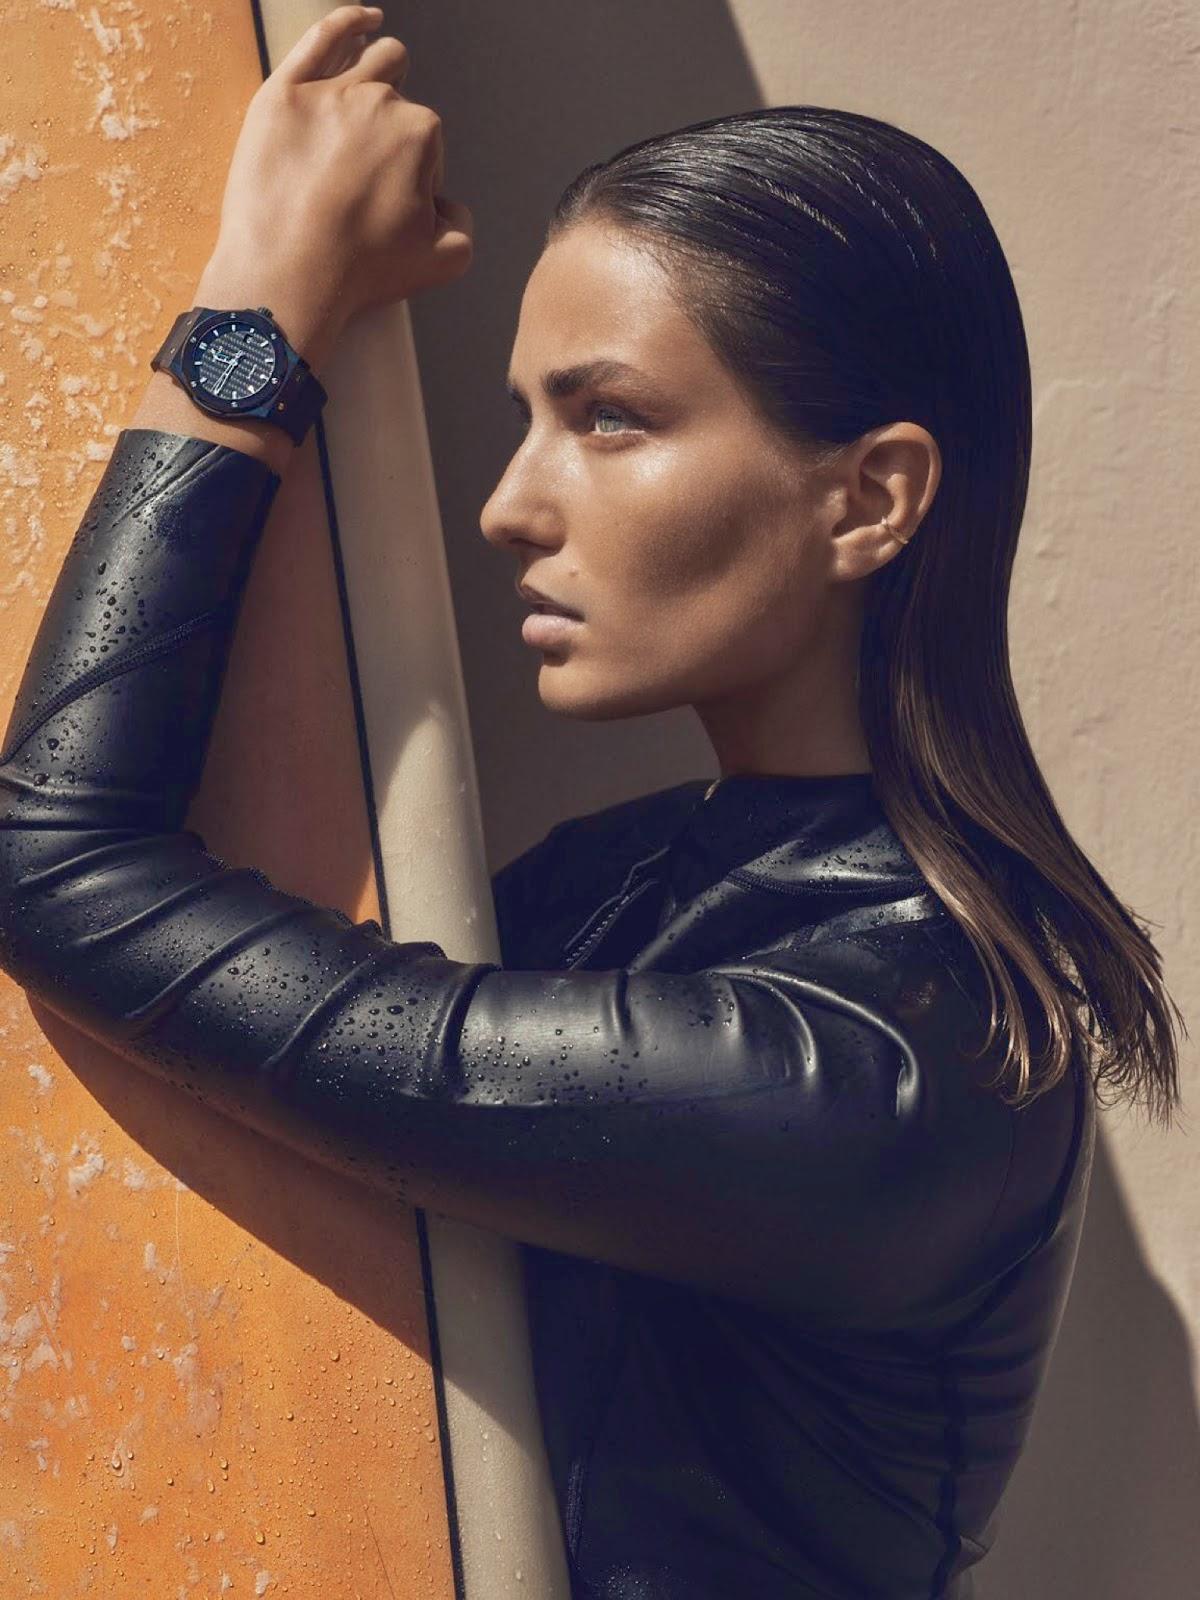 Smartologie Andreea Diaconu For Vogue Paris April 2015